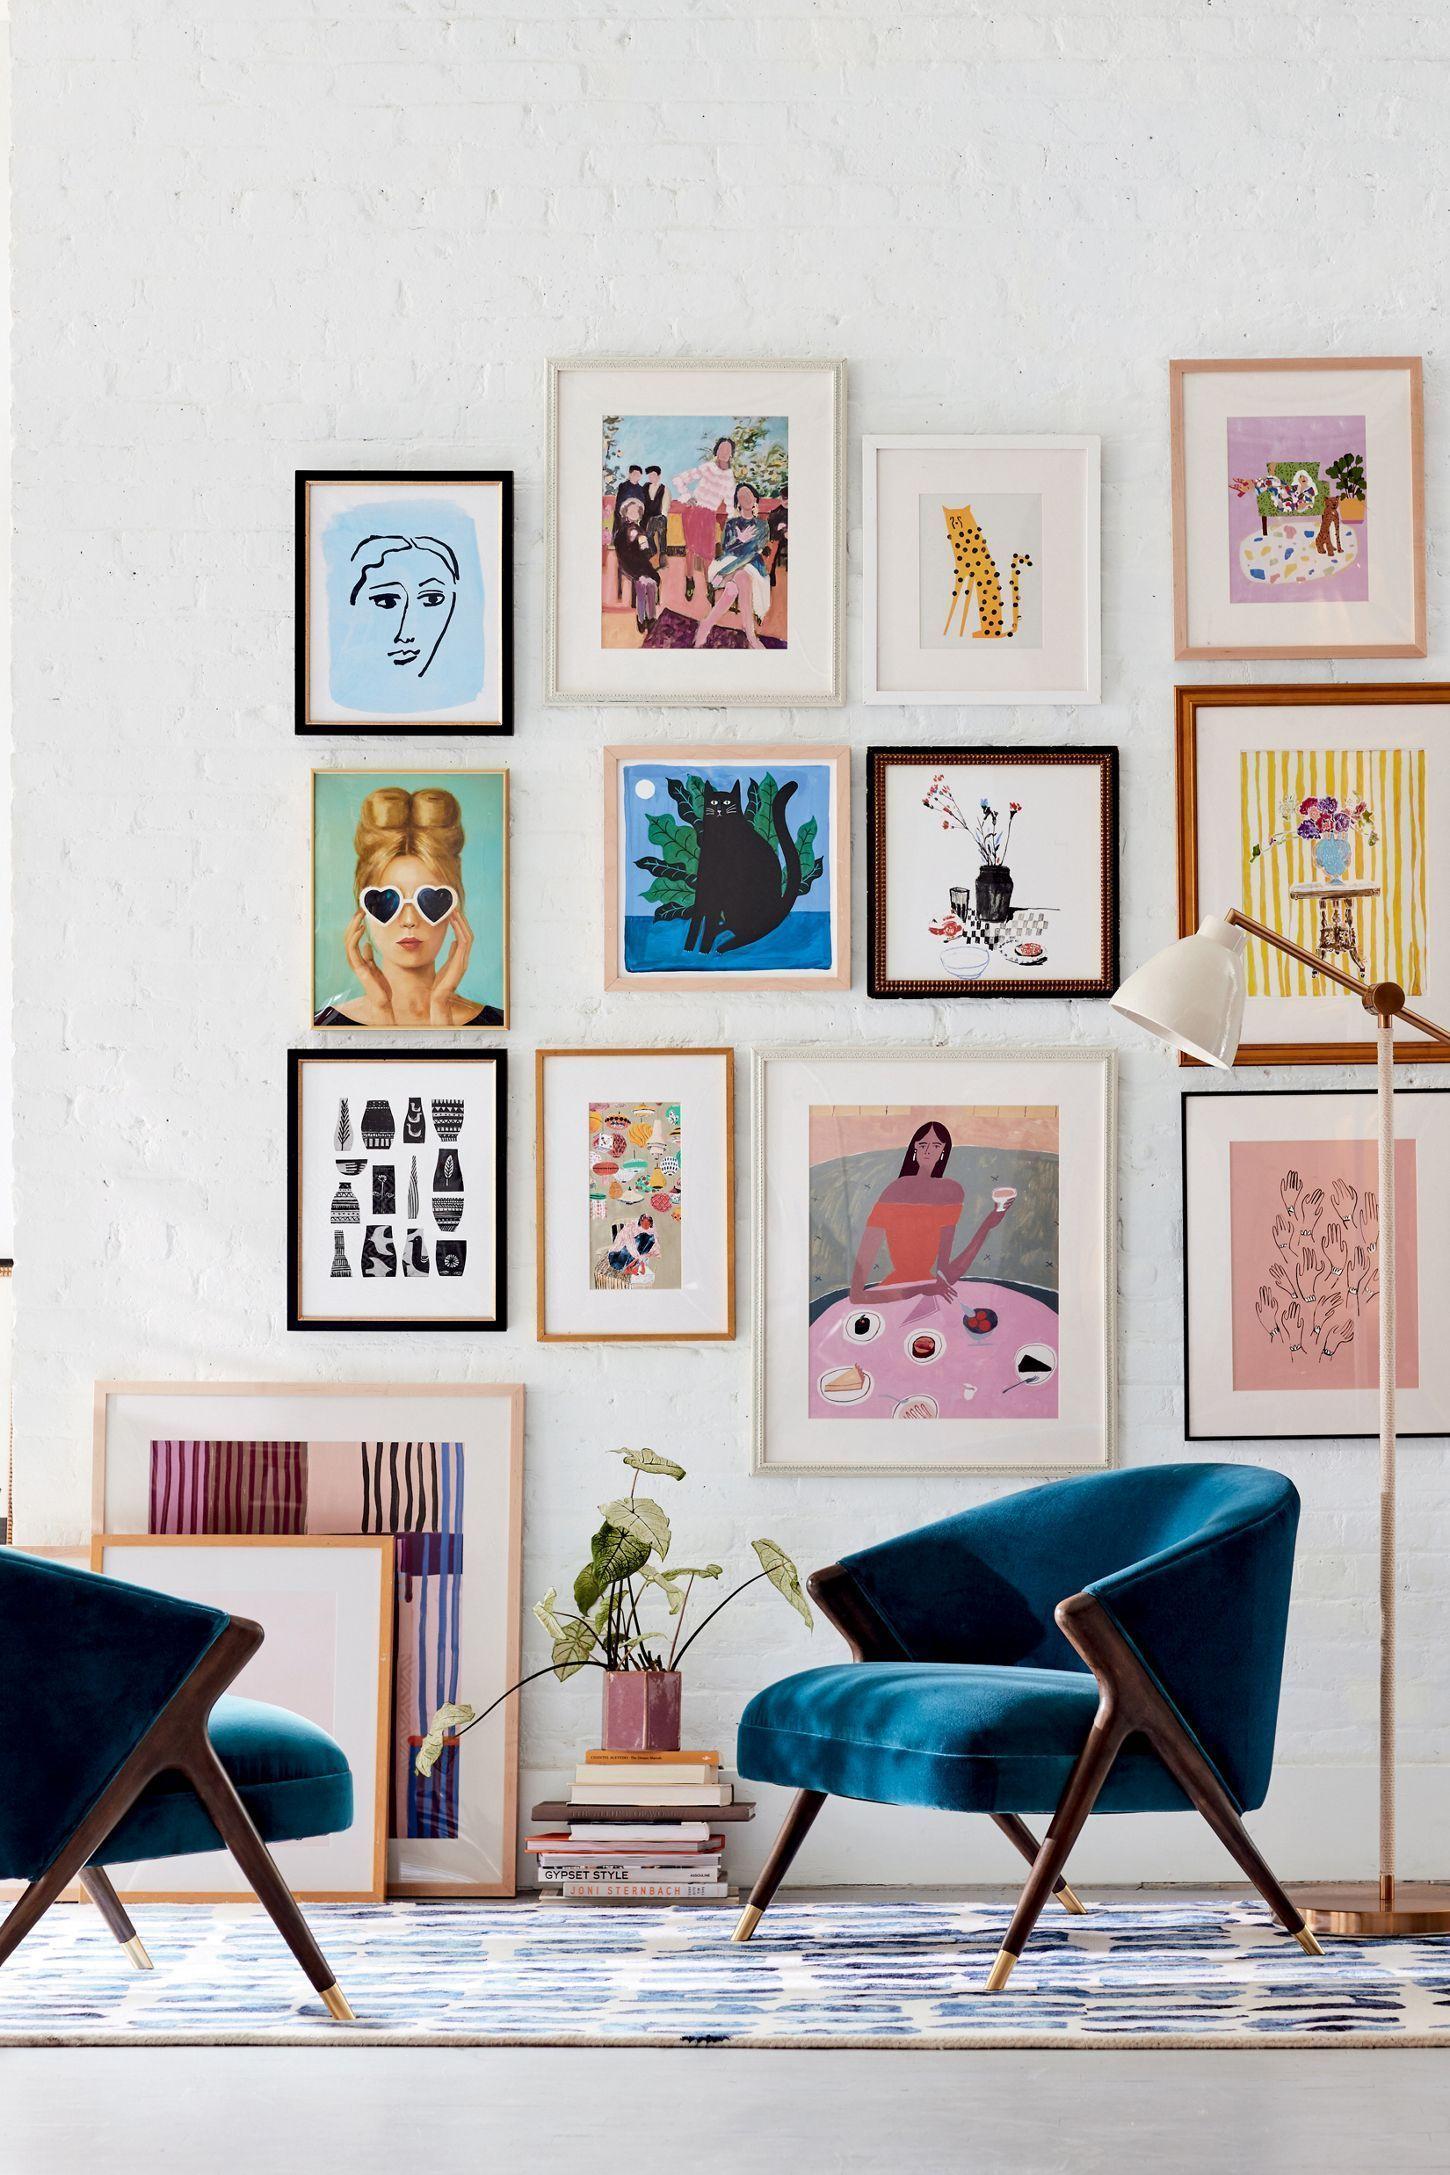 Pin By Camille Fourton On Velvet Sofa Living Room In 2020 Home Decor Inspiration Decor Living Room Decor